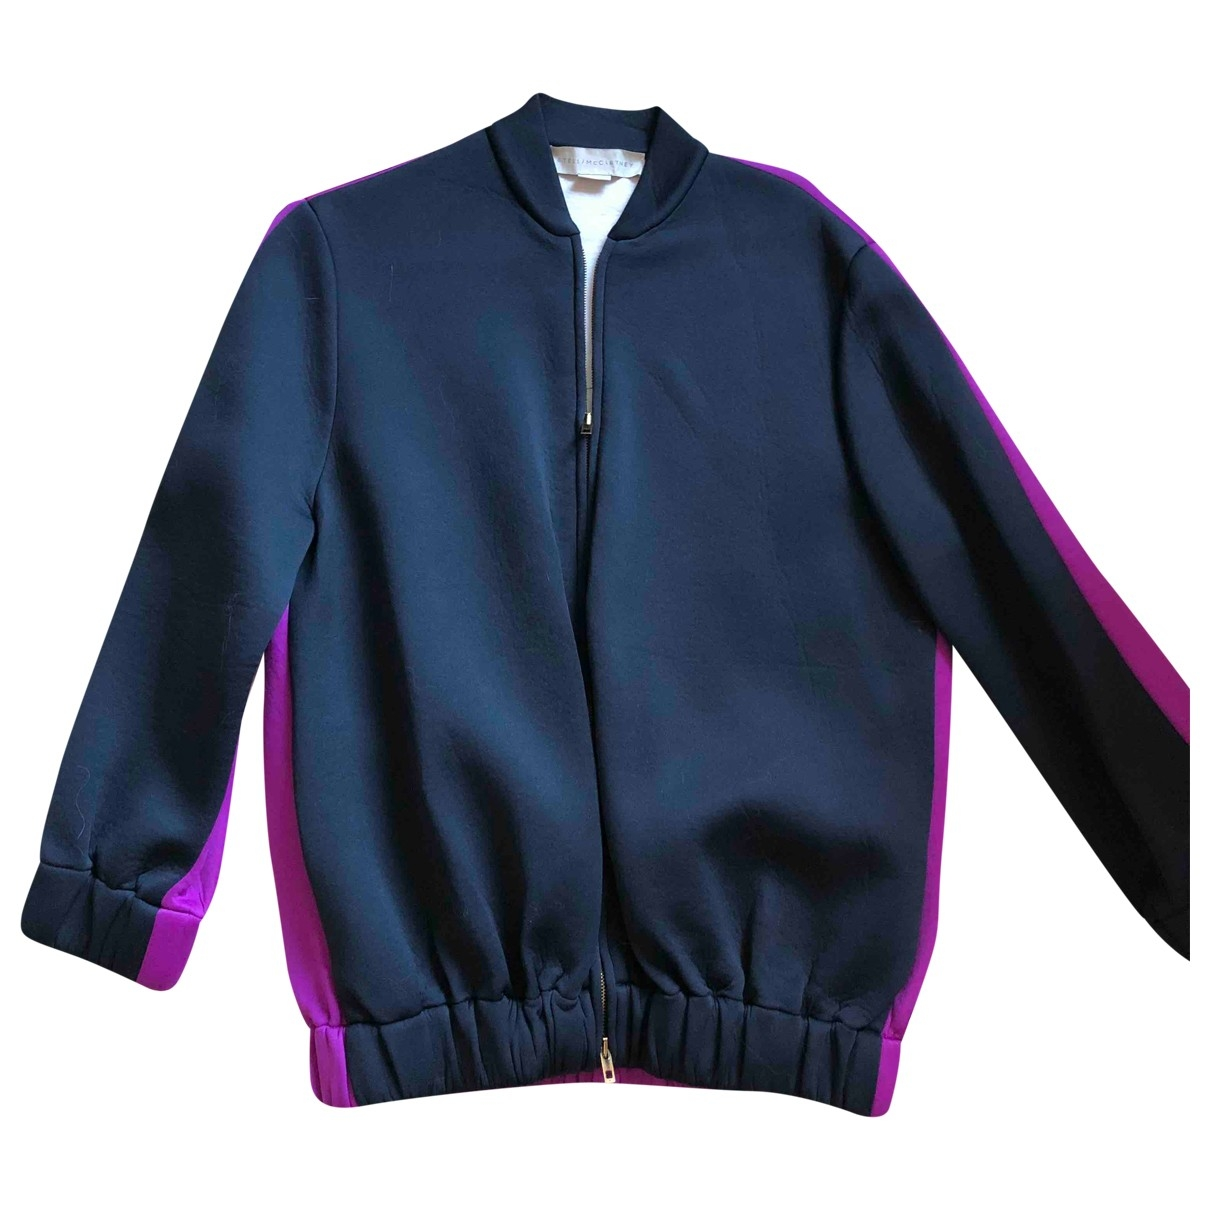 Stella Mccartney \N Purple jacket for Women 38 FR